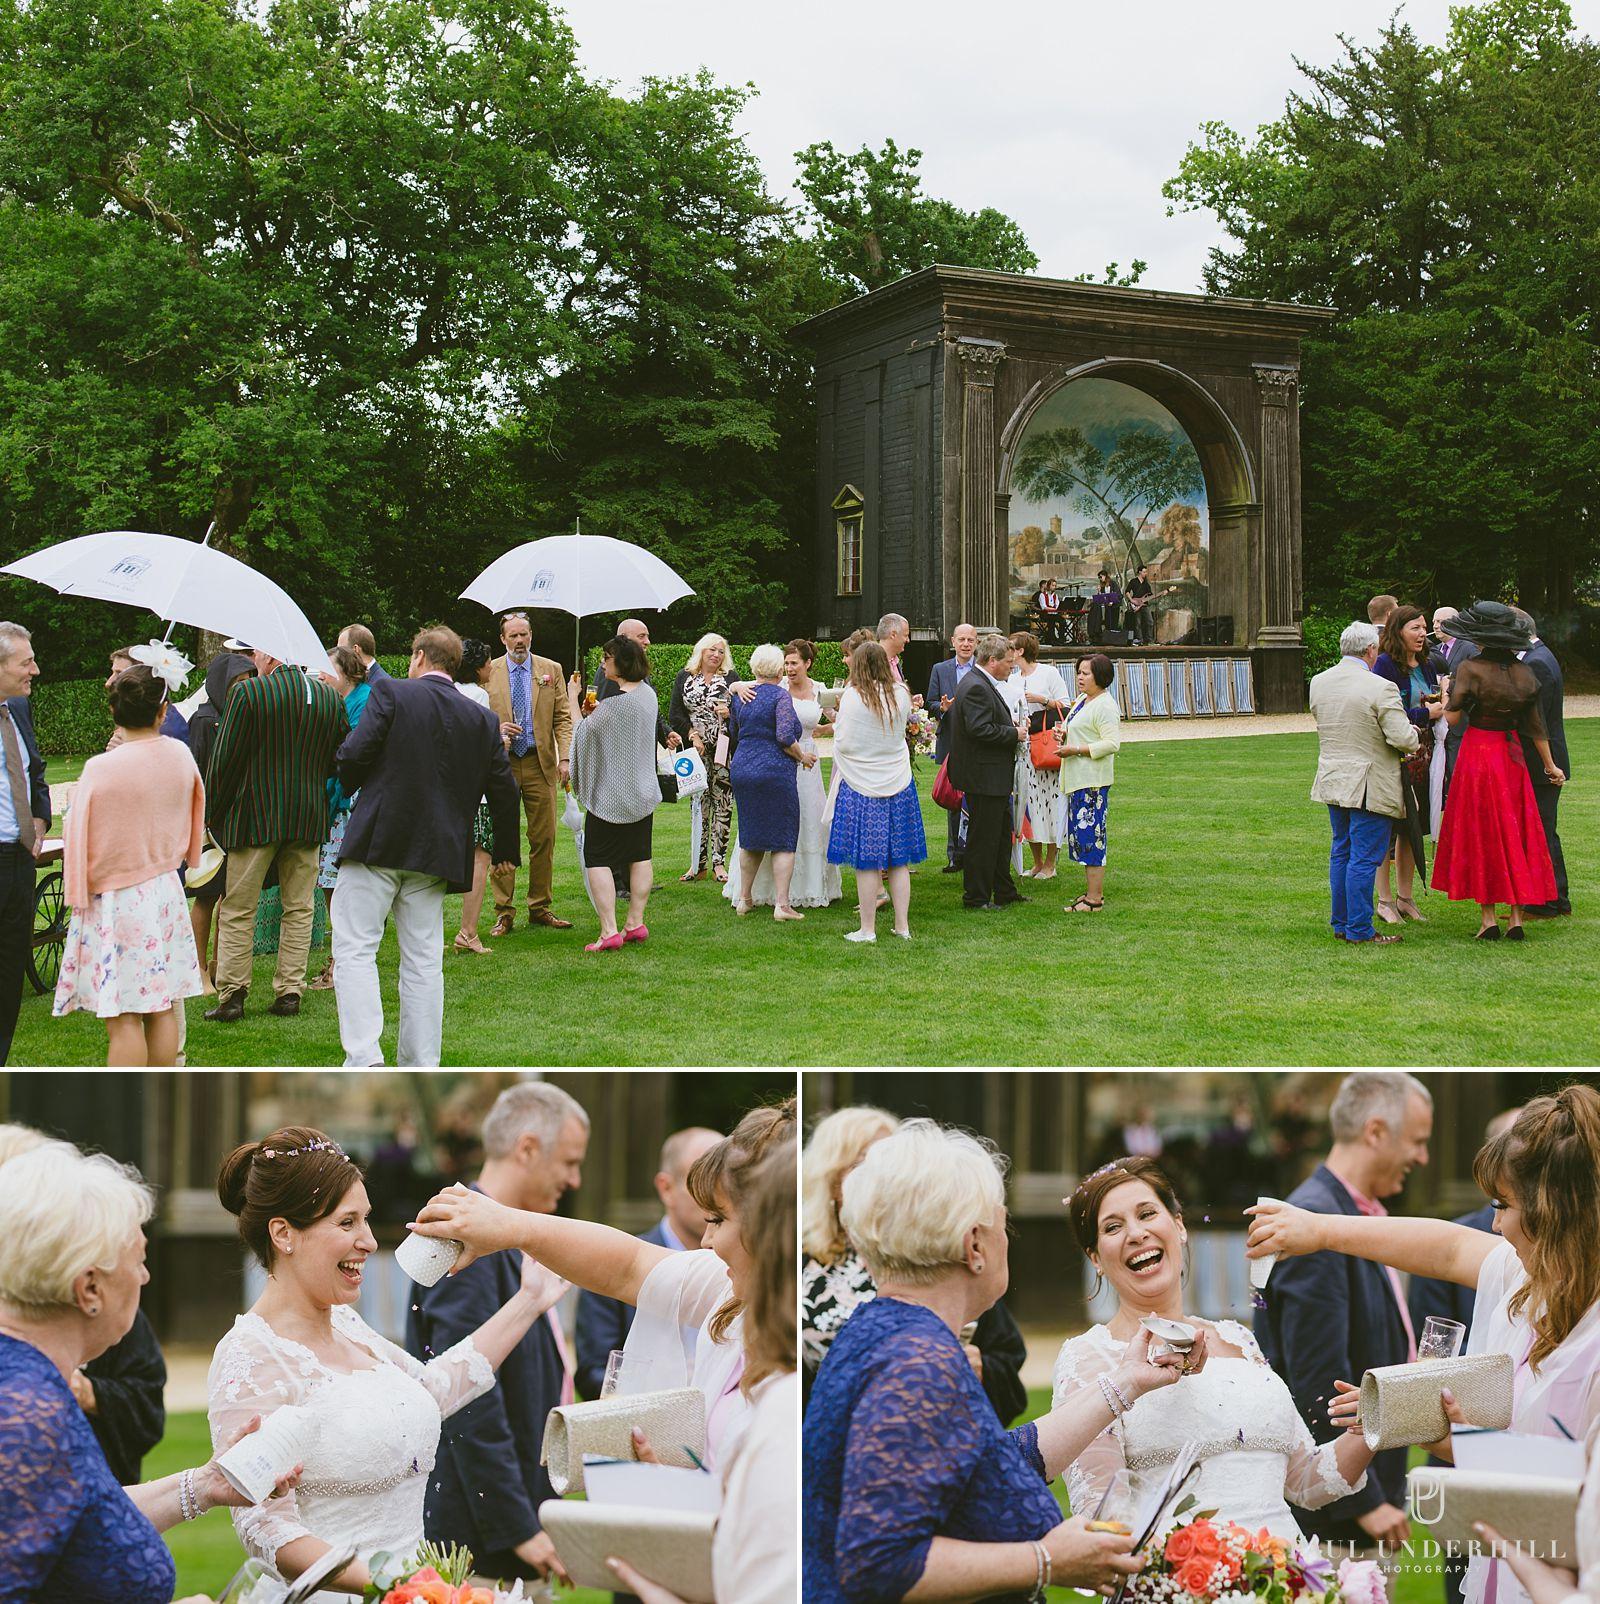 Wedding reception at Larmer Tree gardens